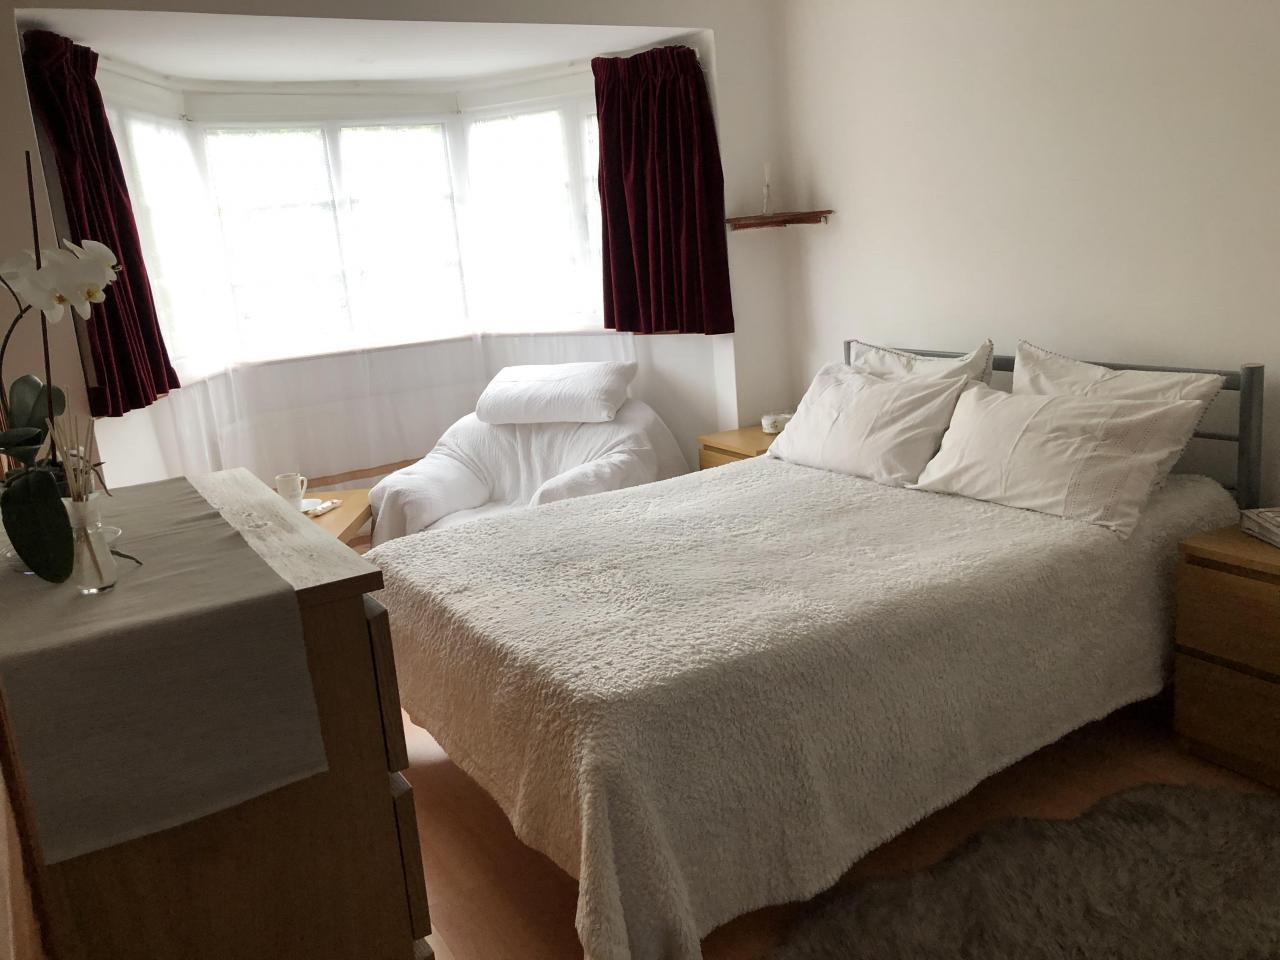 Сдается просторная, светлая double комната для одного. - 2